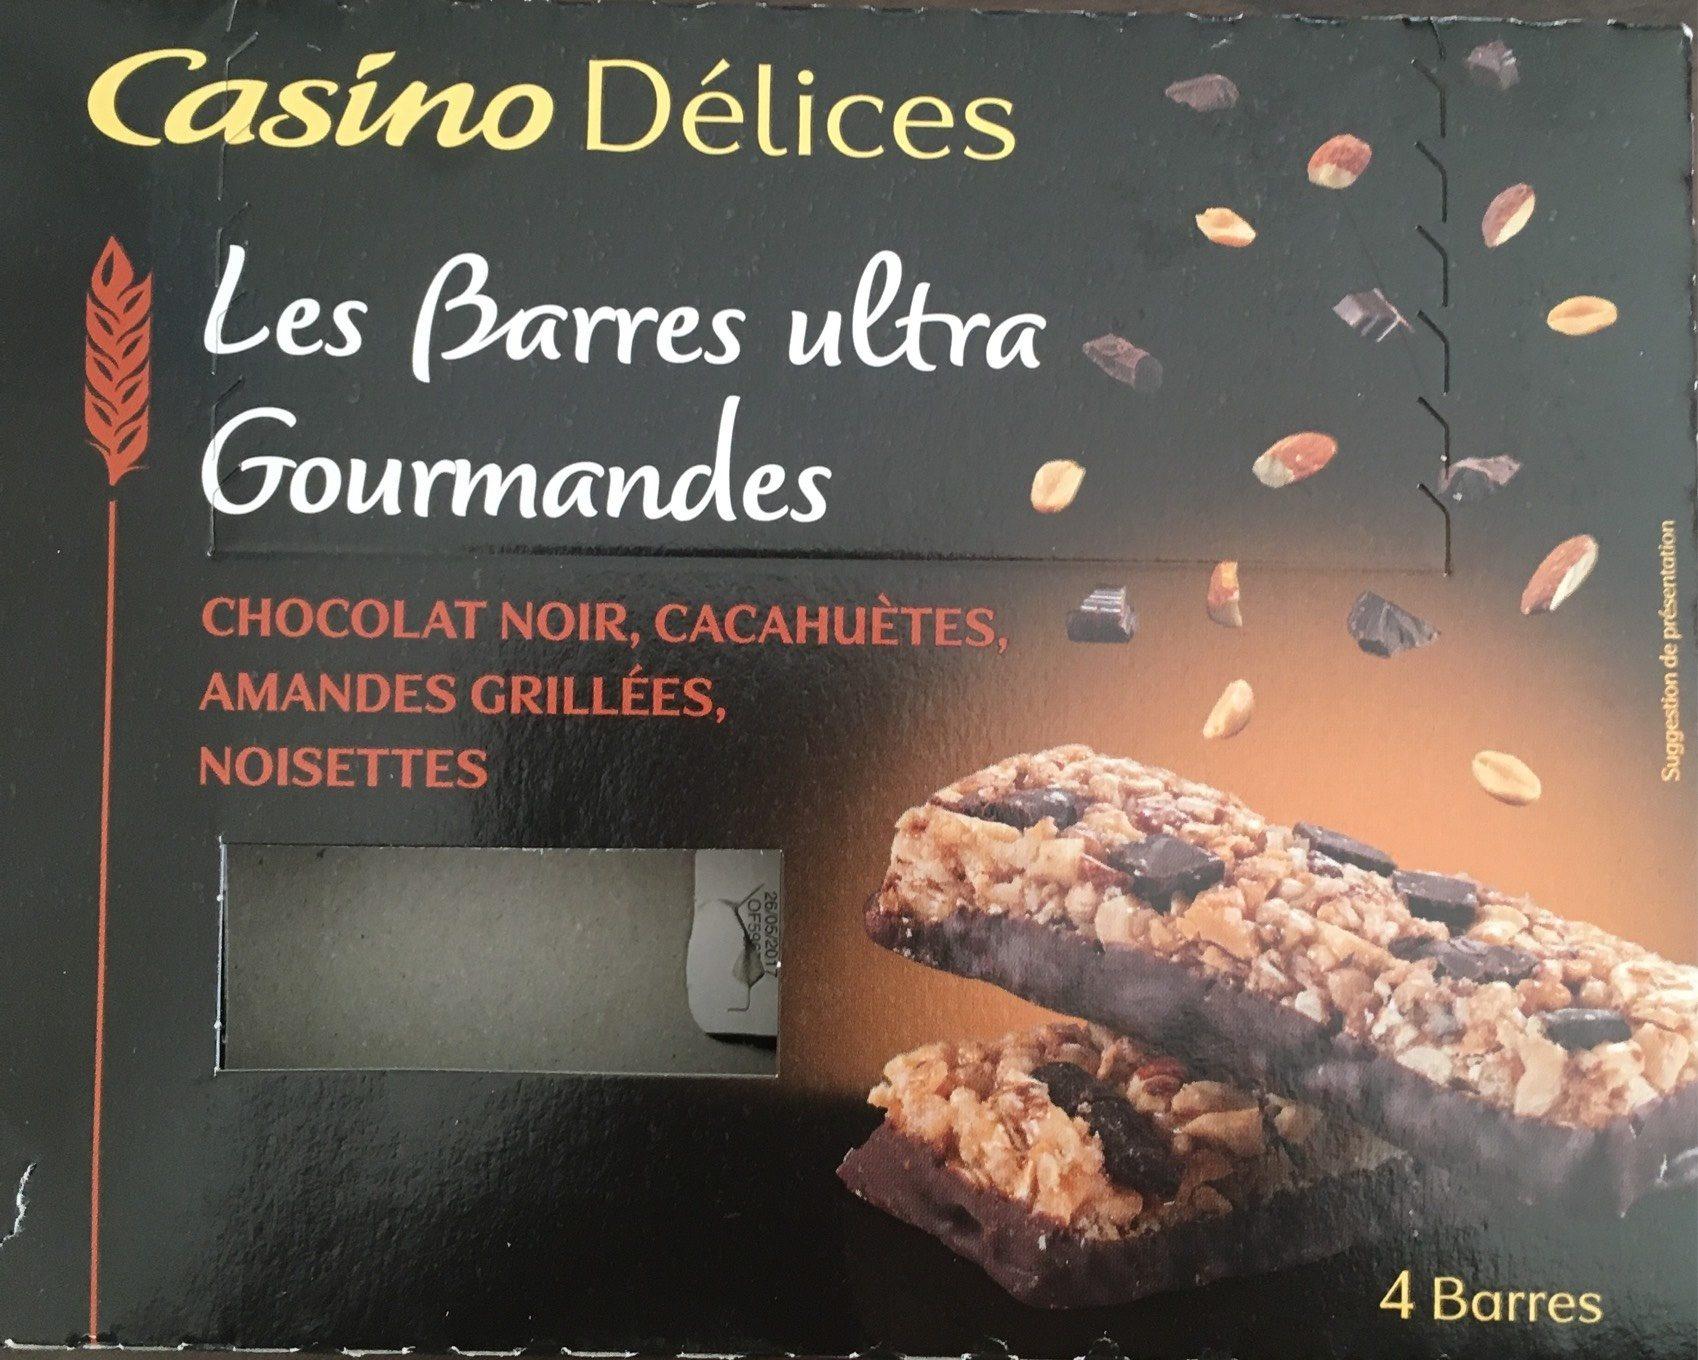 Barres ultra gourmandes Chocolat Noir, cacahuètes, amandes grillées, noisettes Casino - Product - fr